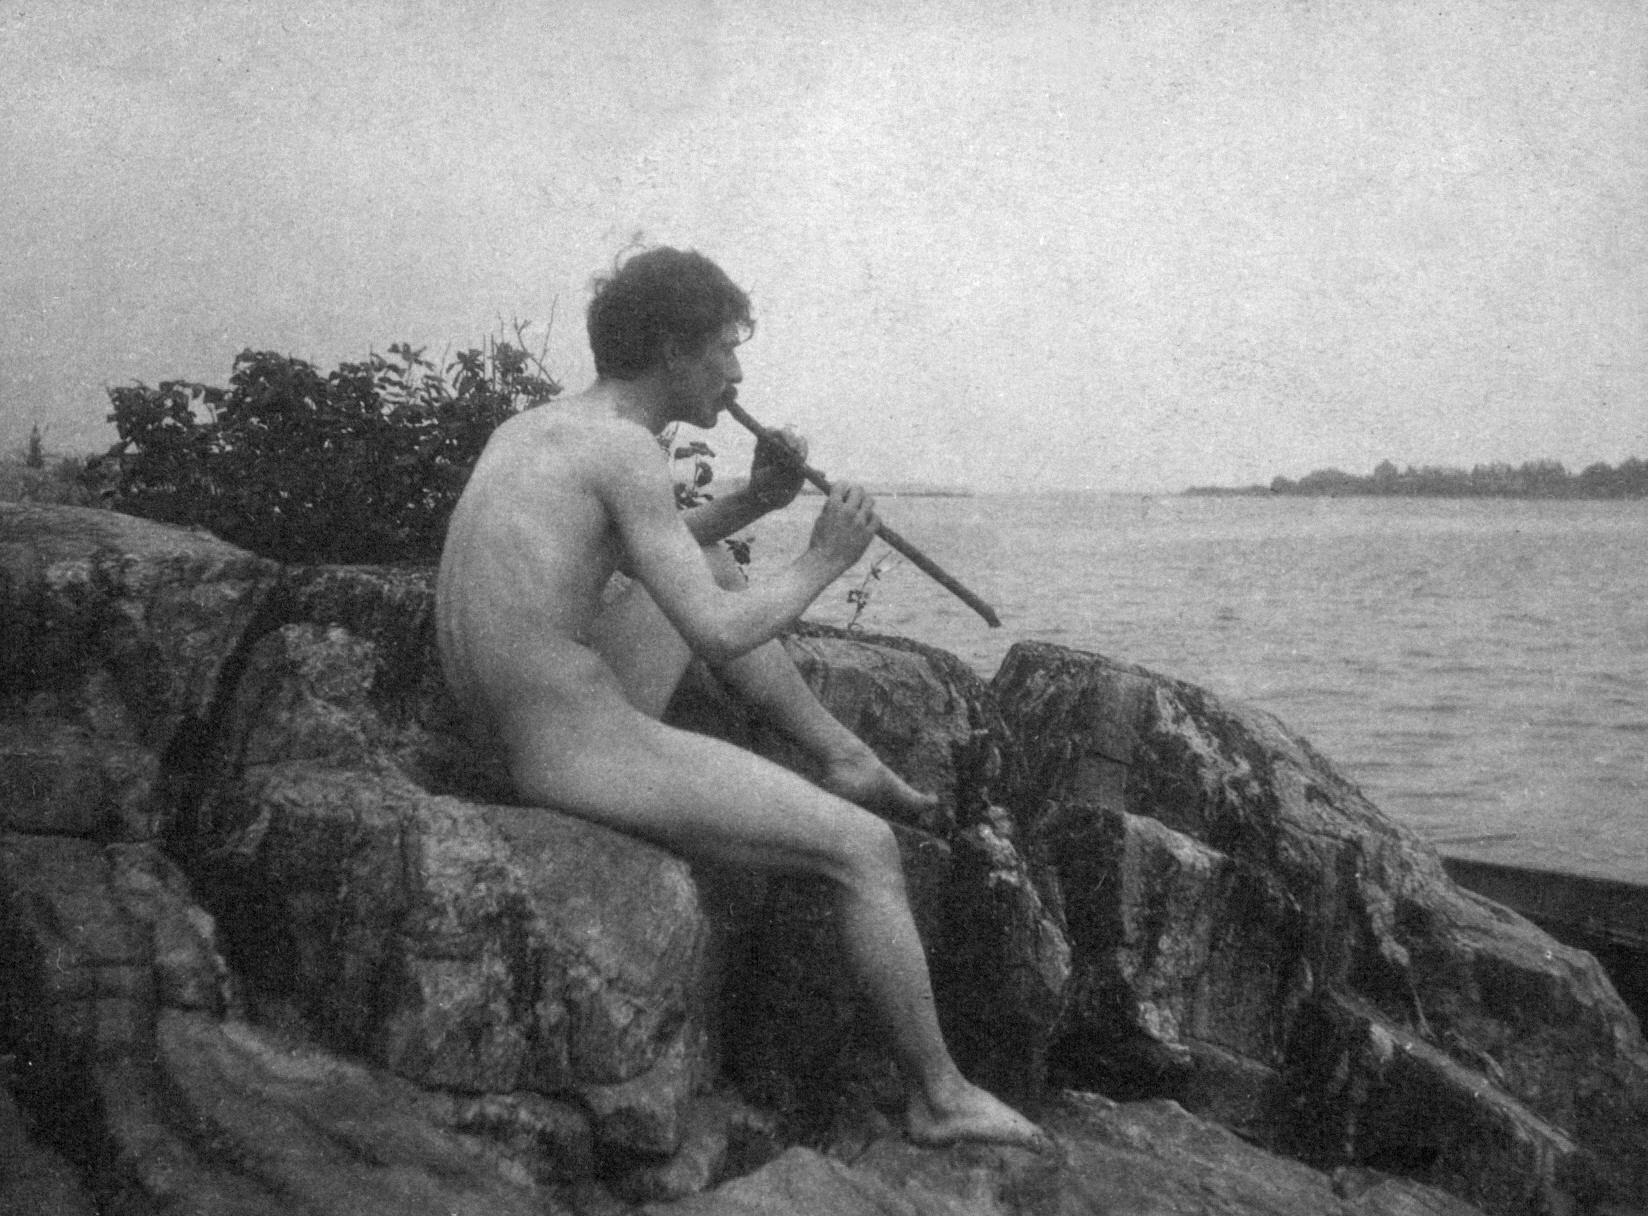 Camp boys nude